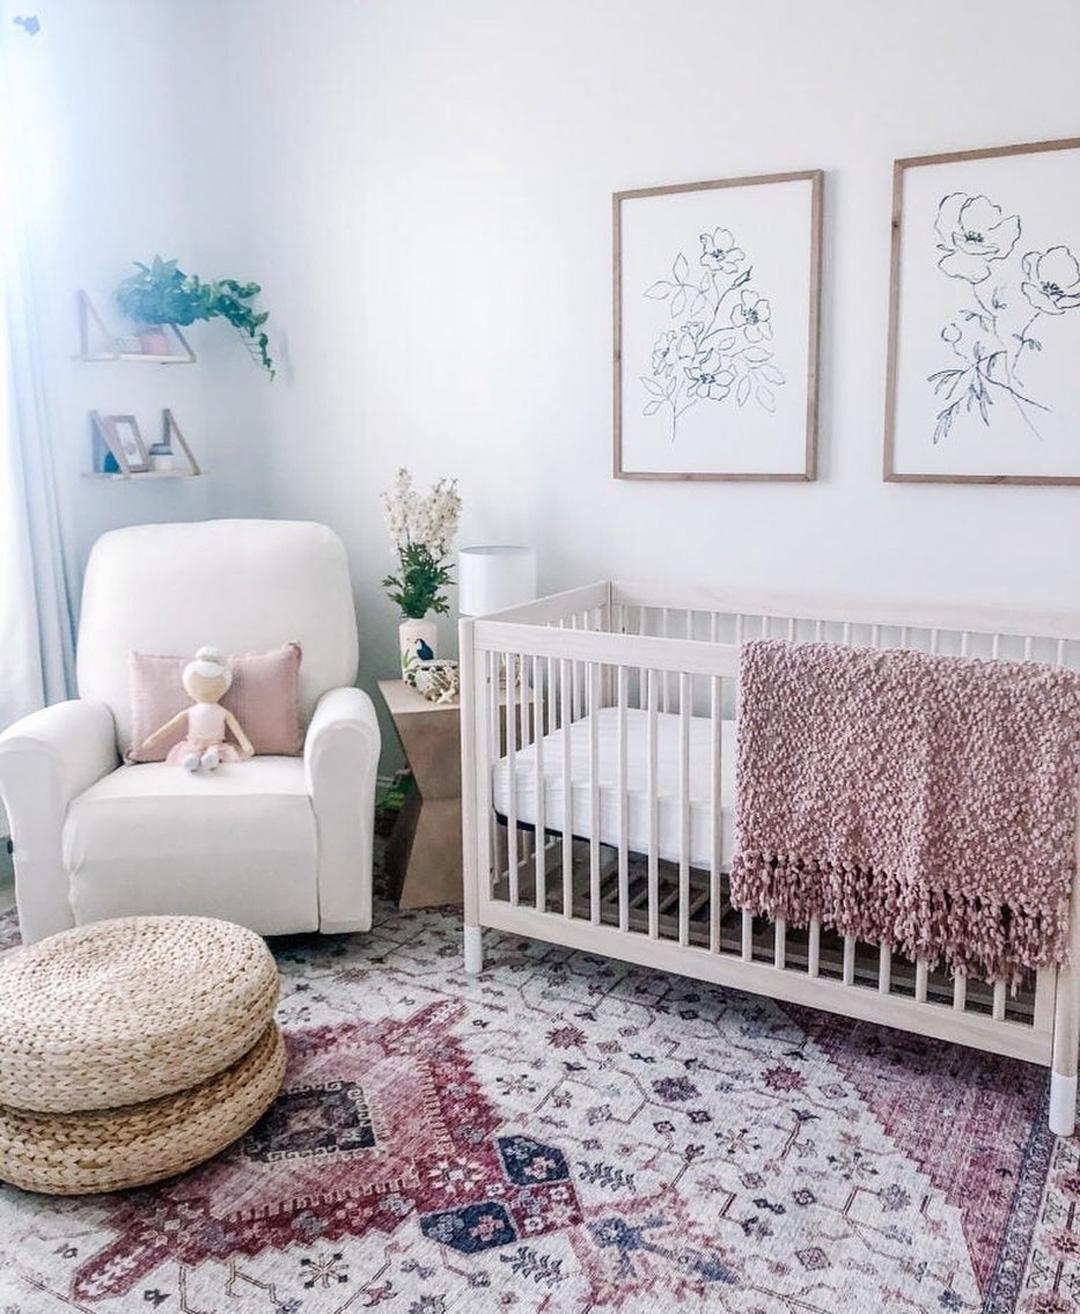 oriental rug in a baby nursery